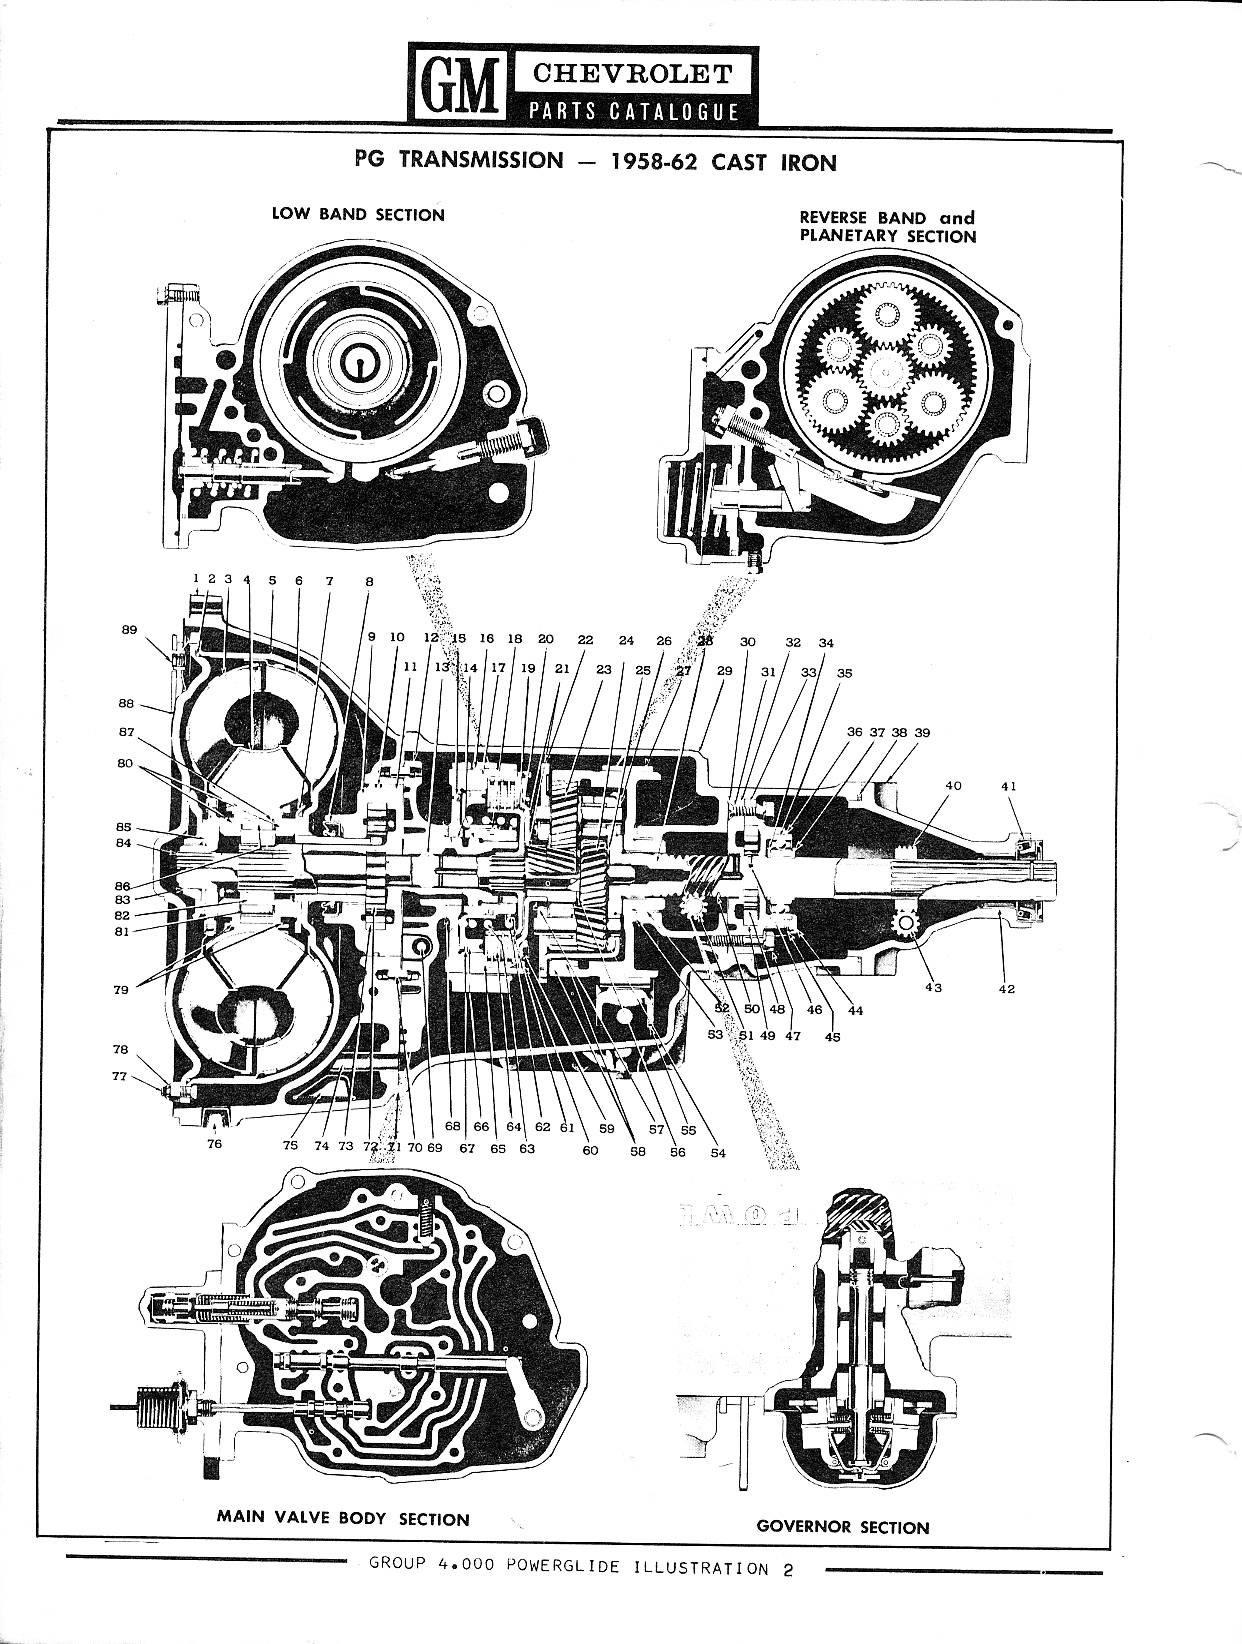 1958 Cadillac Vacuum Diagram. Cadillac. Auto Wiring Diagram